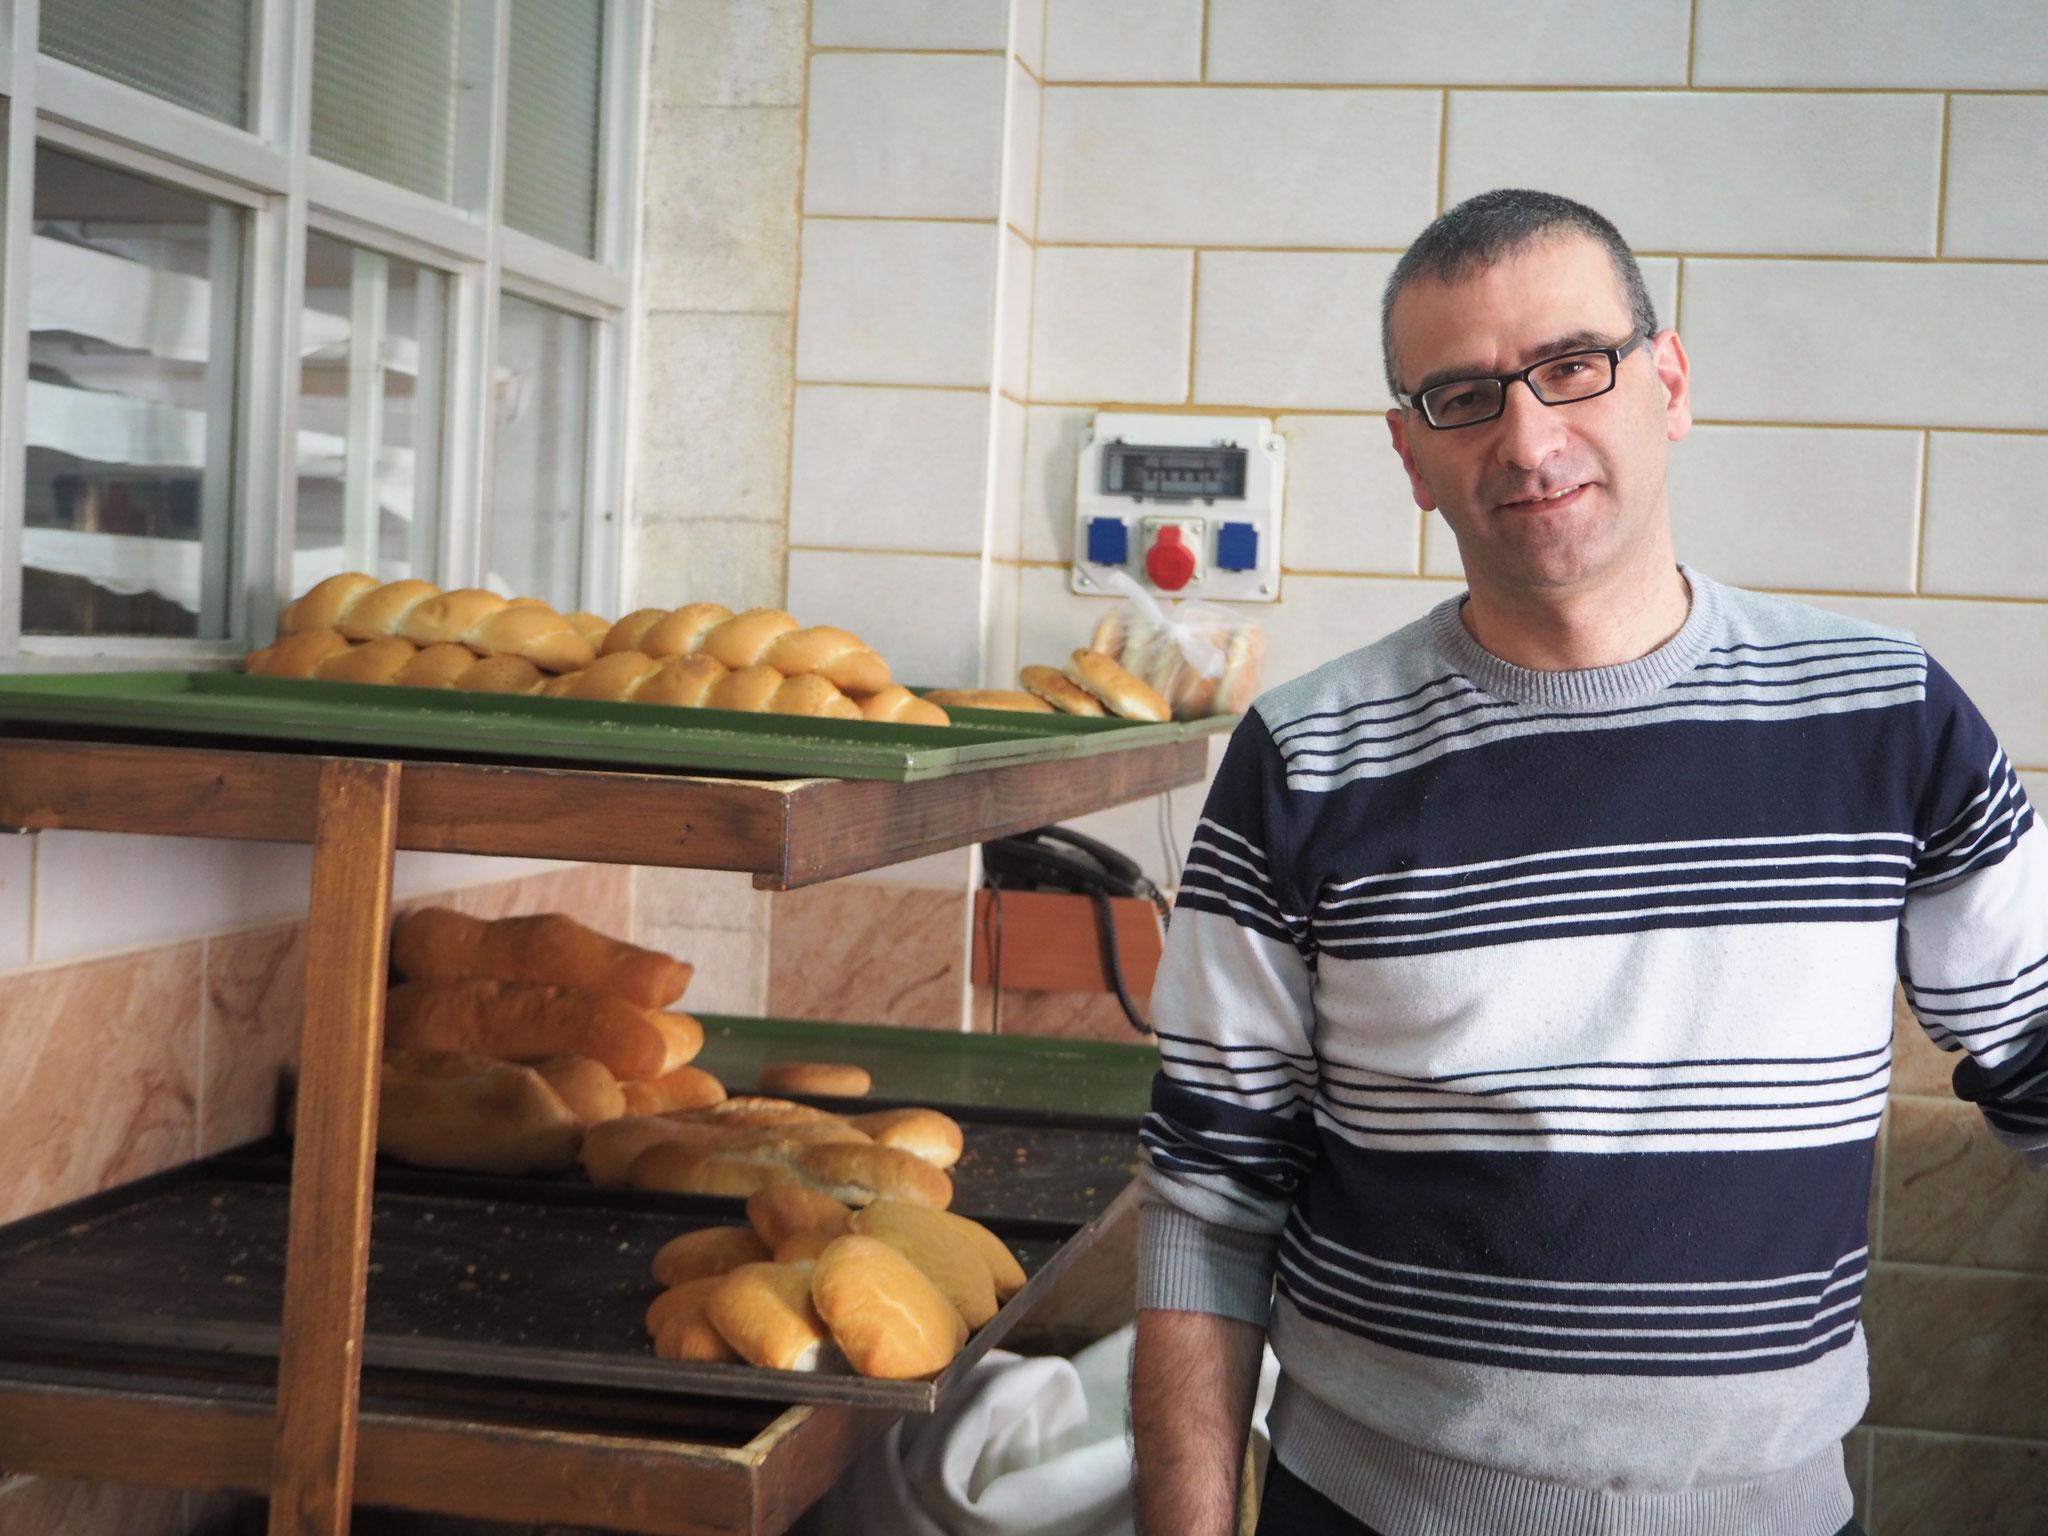 Brot für bedürftige Familien aus der Bäckerei der Don Bosco Salesianer in Bethlehem